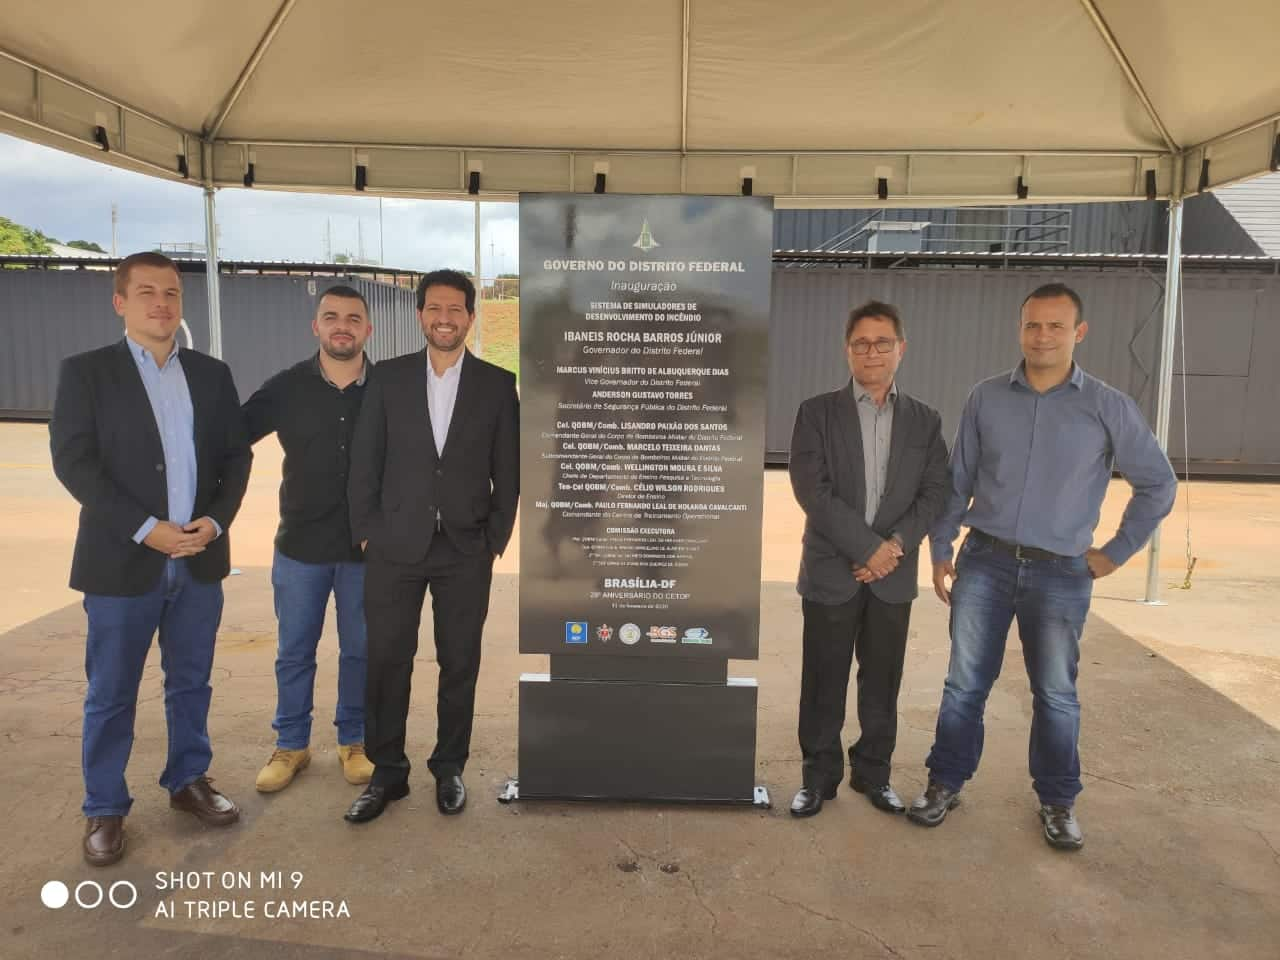 Ambiental Tecnol inaugura novo simulador de incêndio para o Corpo de Bombeiros (12)